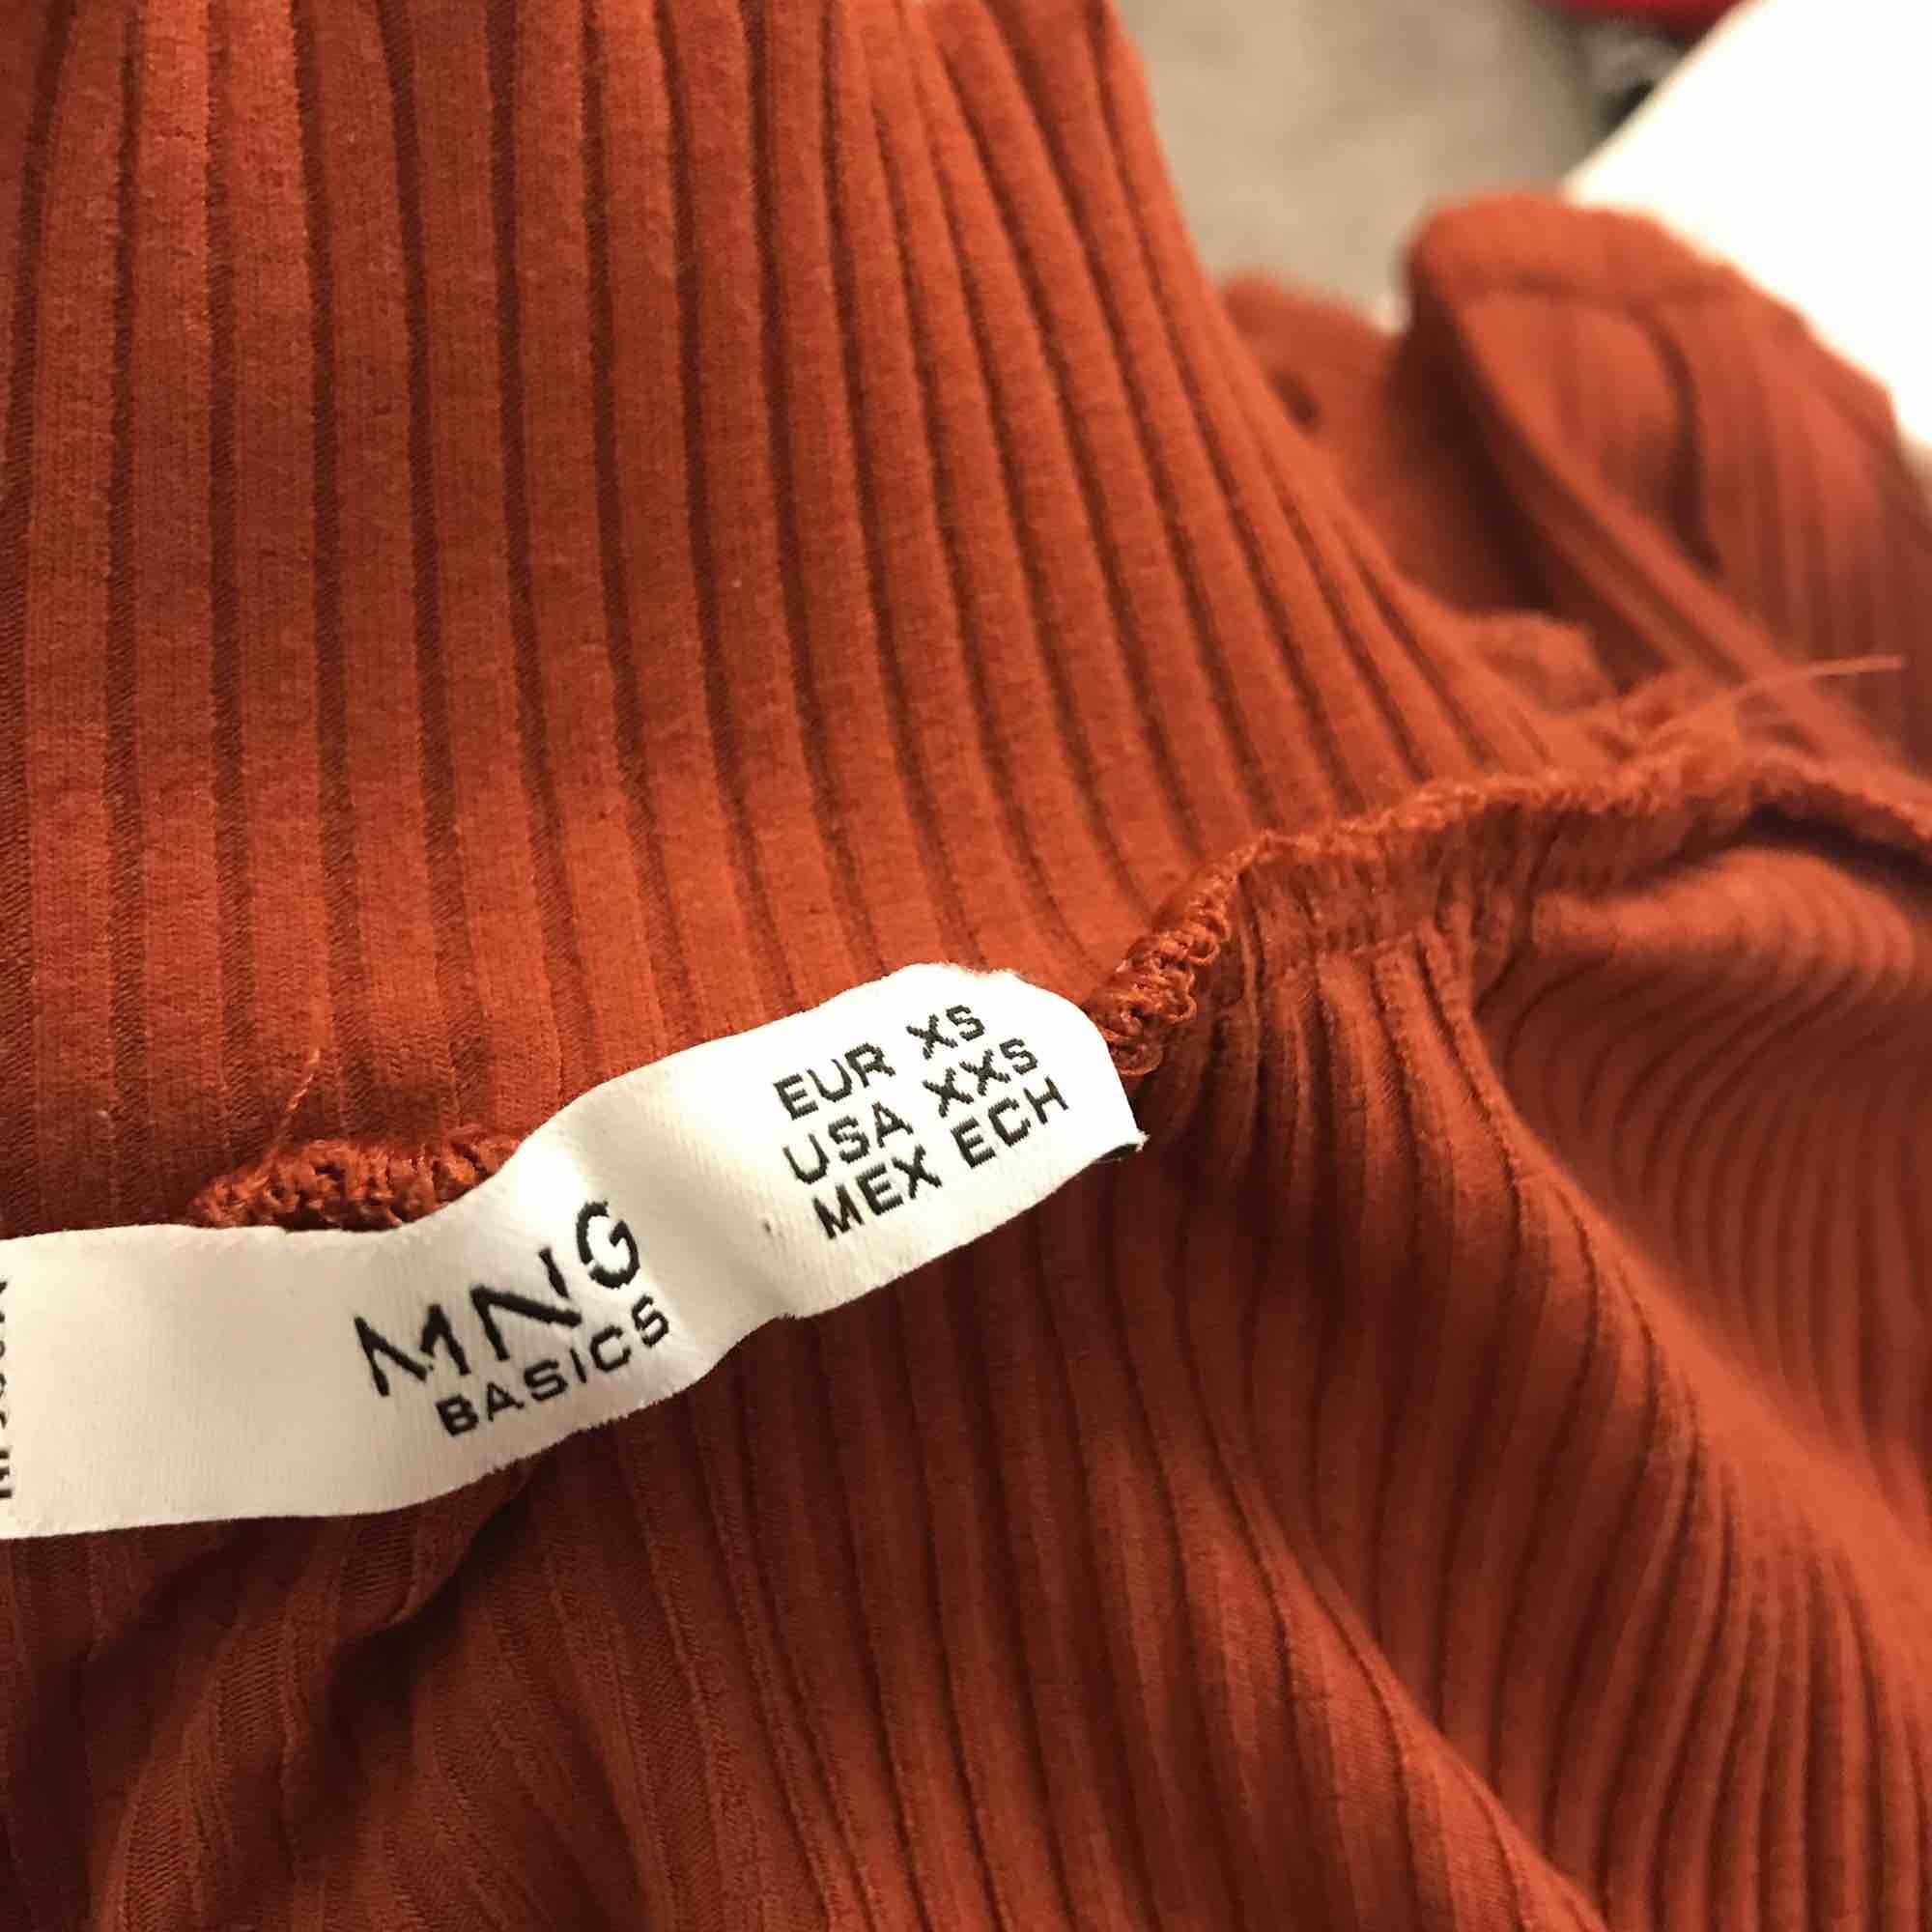 Superfin orange/brun ribbad tröja från Mango. Sitter tajt och har en fin passform. Endast använd 1 gång. Köpt för 199kr och är som ny!. Toppar.